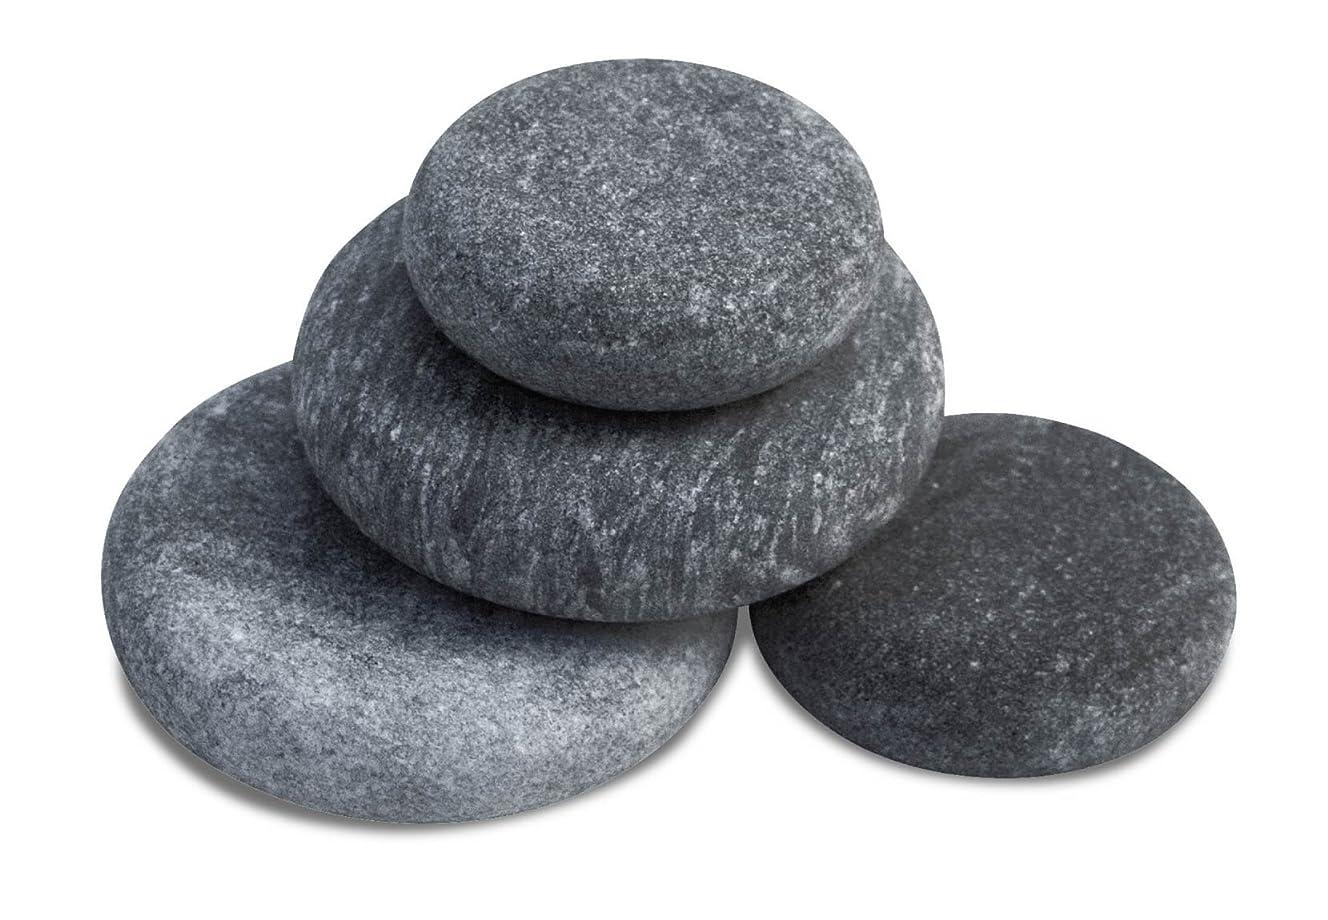 モルヒネ失業者打ち負かすHeaven Stones(ヘブンストーンズ)用ホットストーンセット JF-HSS